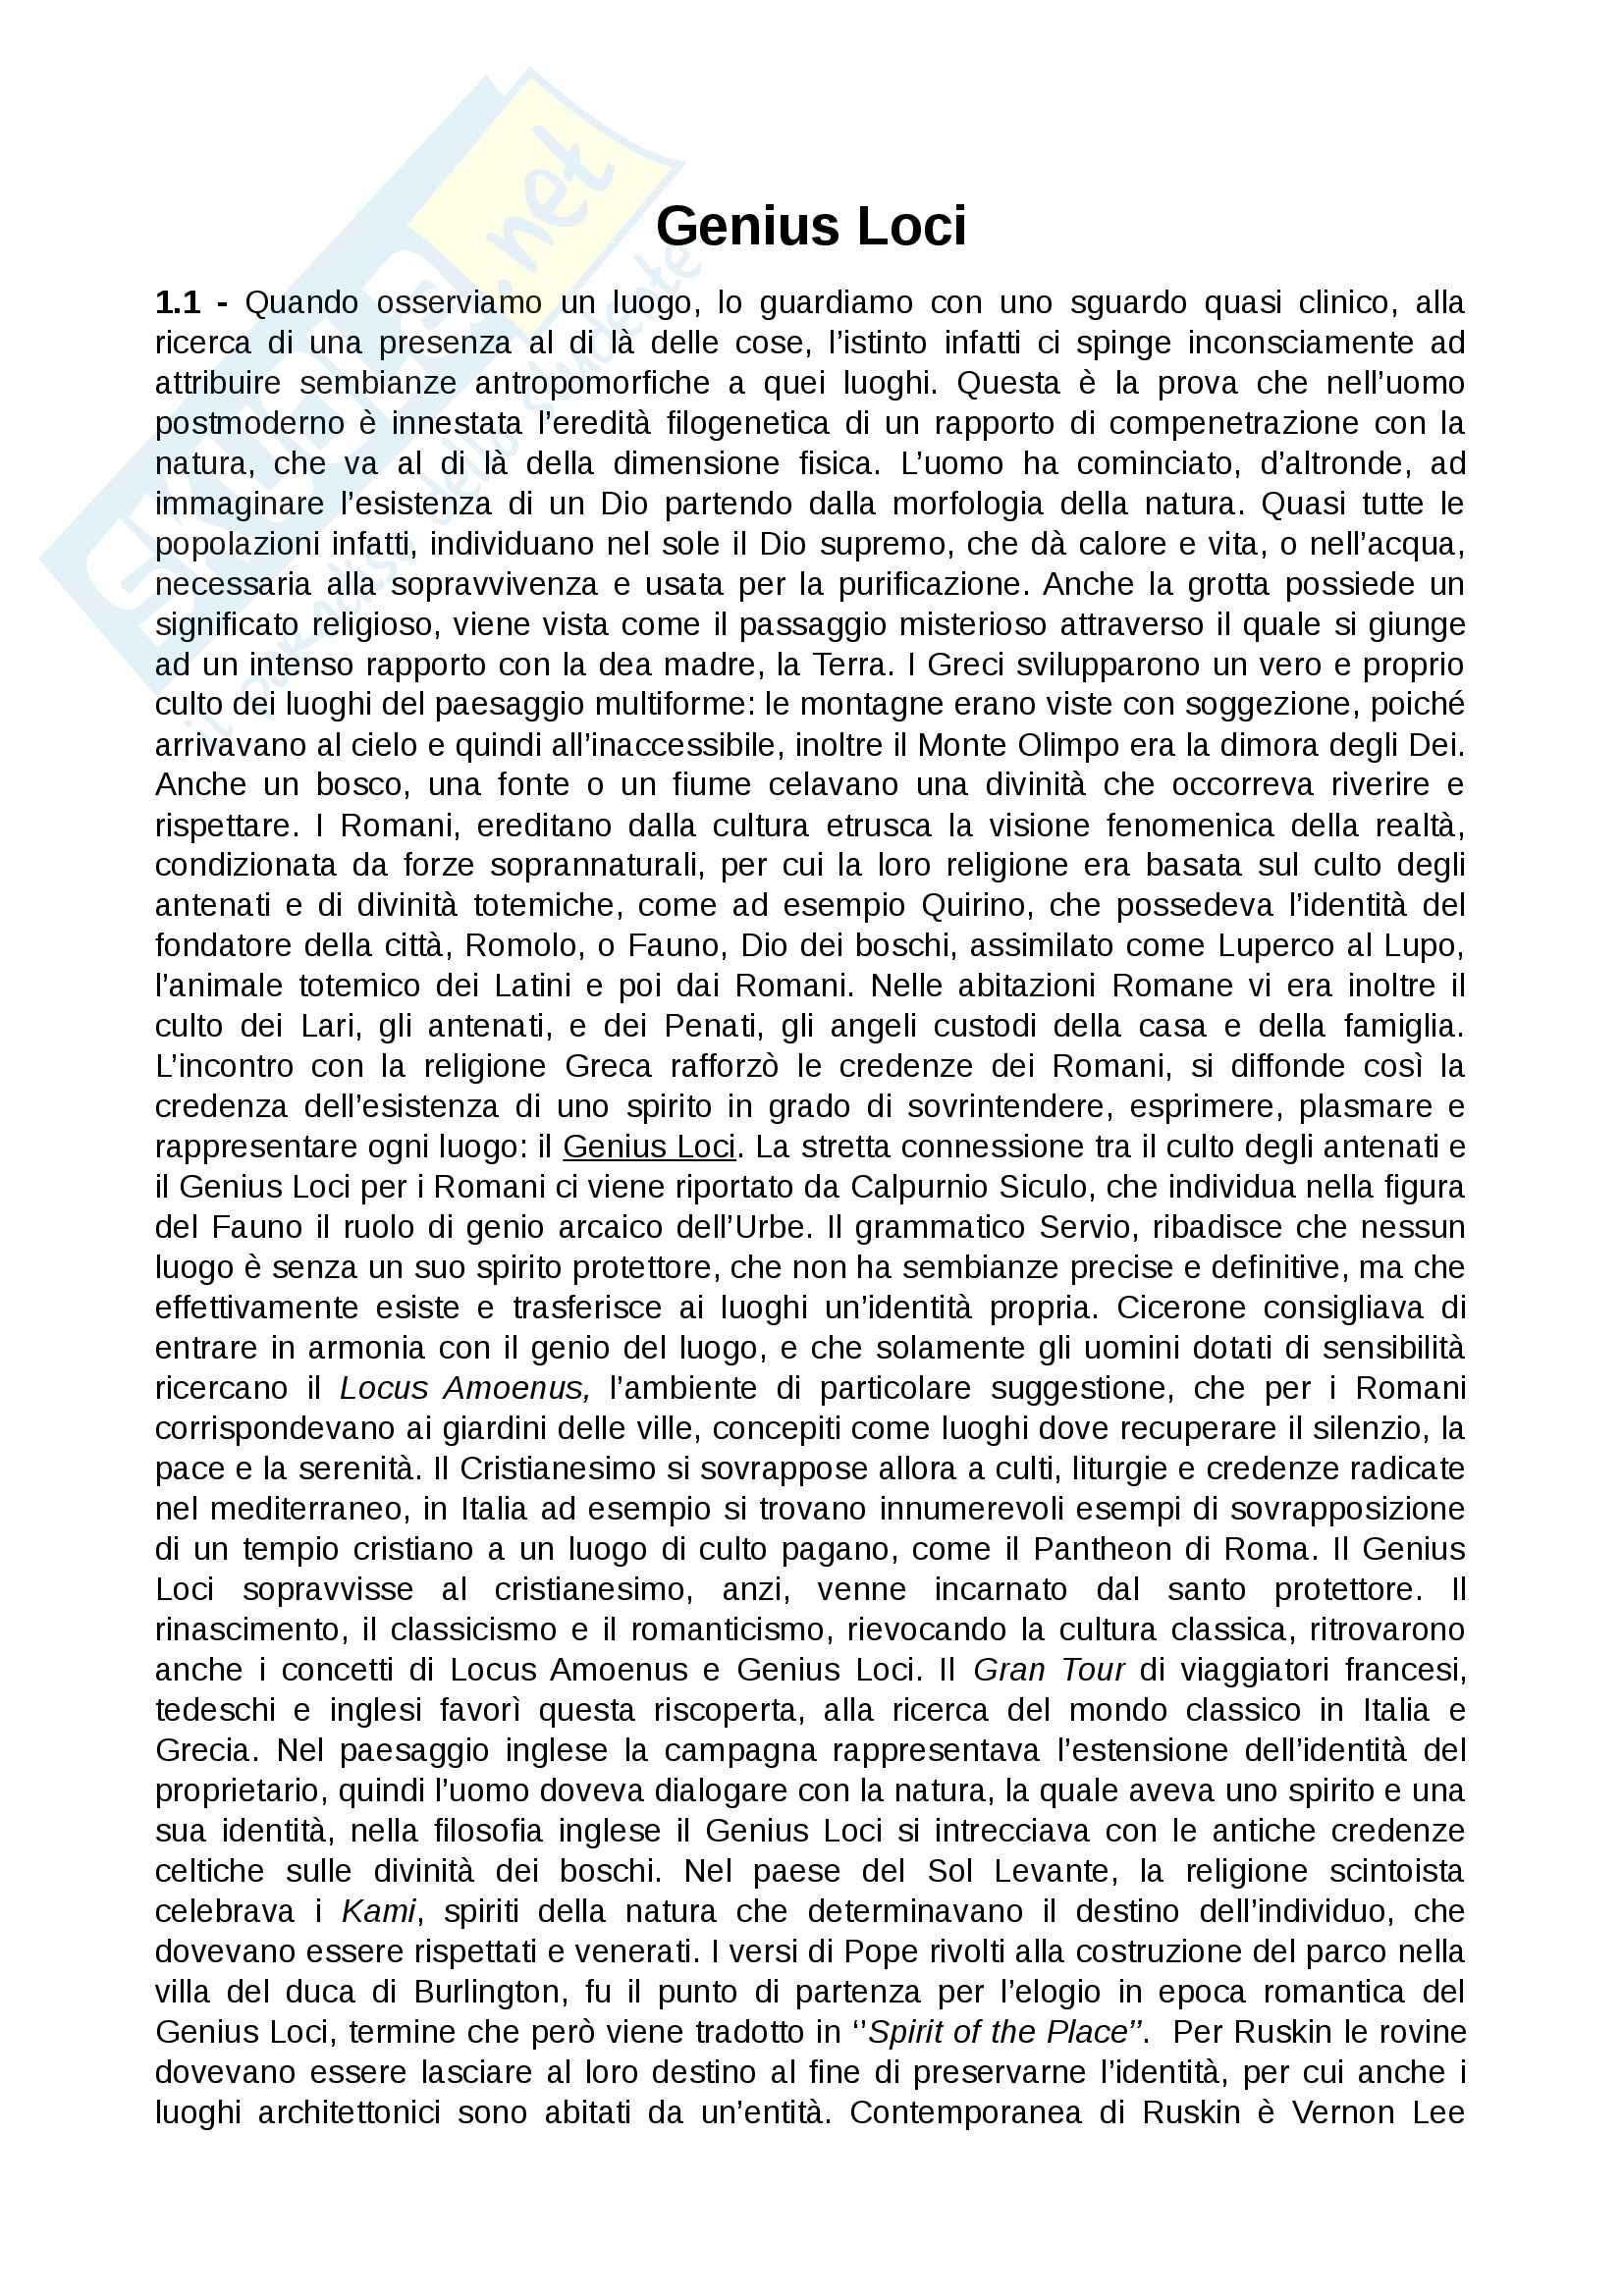 Riassunto esame Sociologia dei processi culturali, prof. Francesco Mattioli, libro consigliato Genius Loci, Mattioli